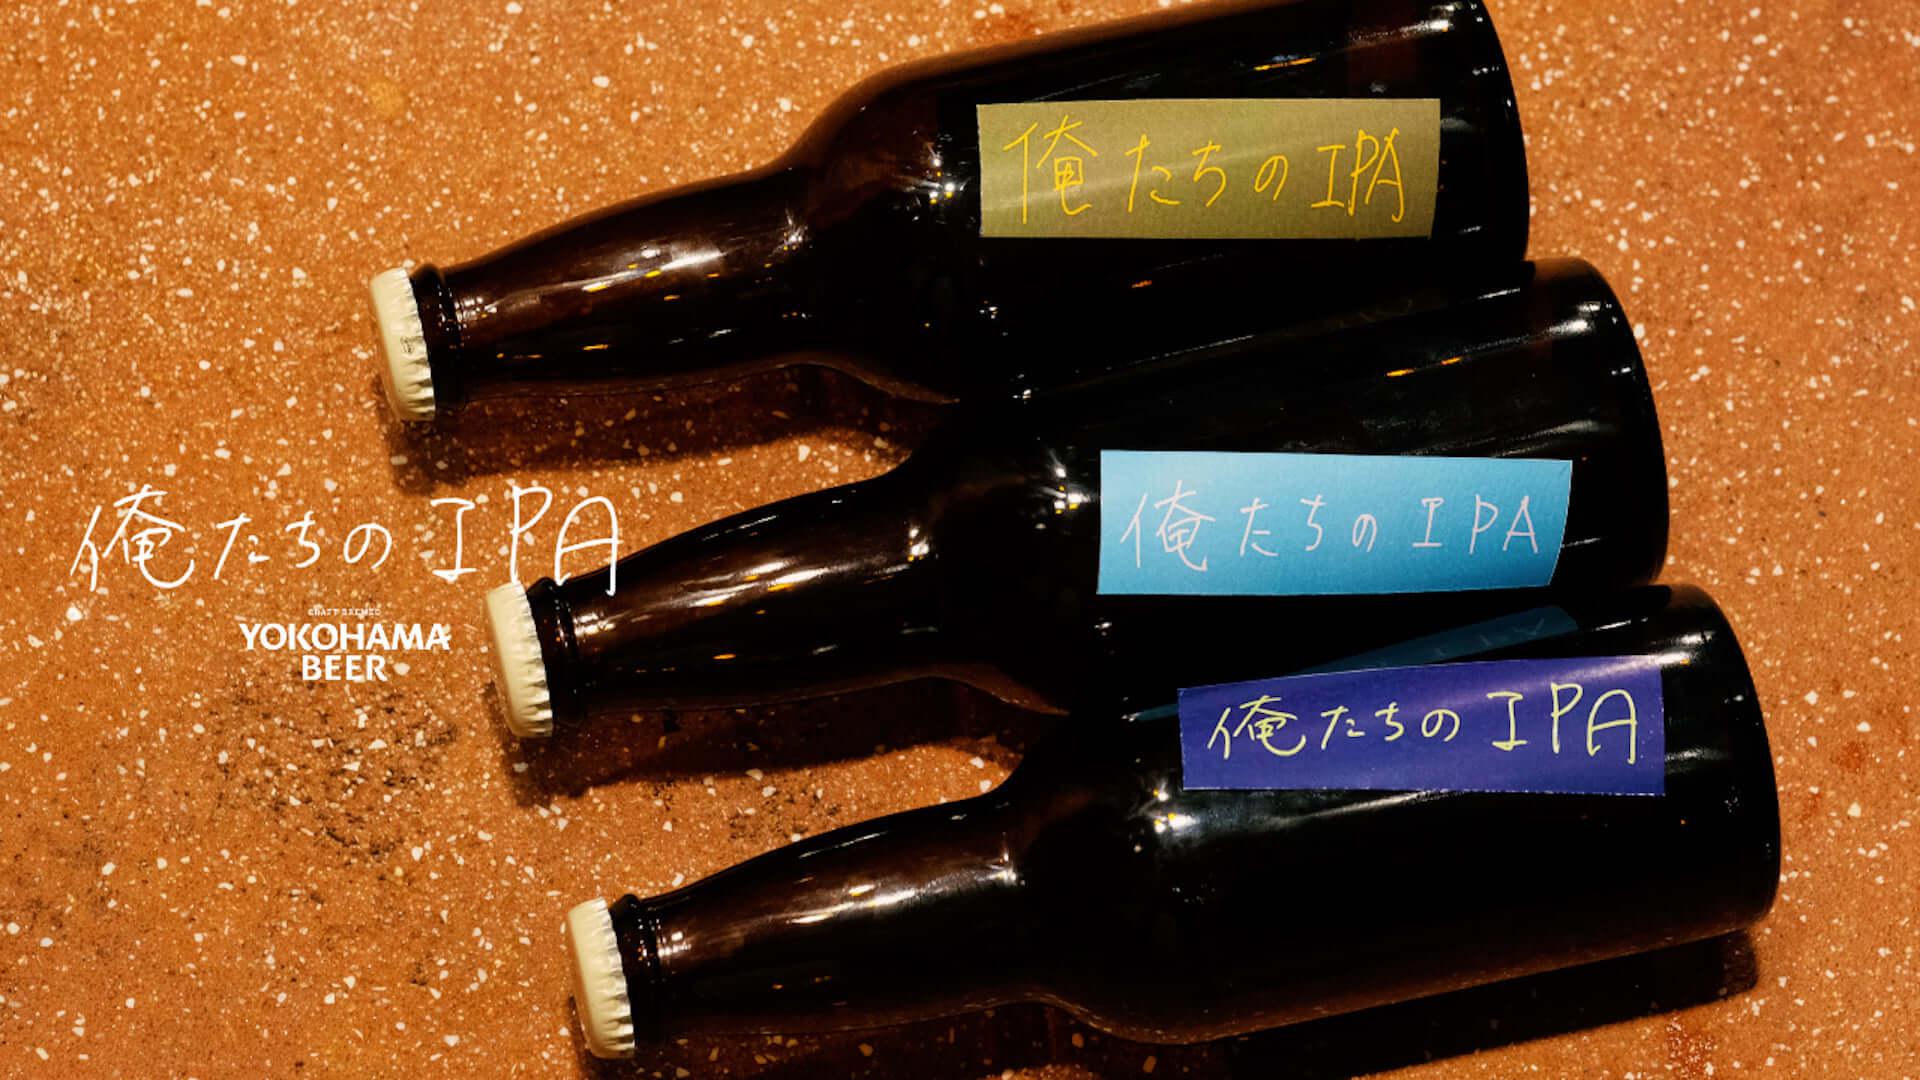 クラフトビールメーカー「横浜ビール」から新商品『俺たちのIPA -OUR PRIDE-』が登場!100セット限定で発売決定 gourmet210216_yokohamabeer_3-1920x1080